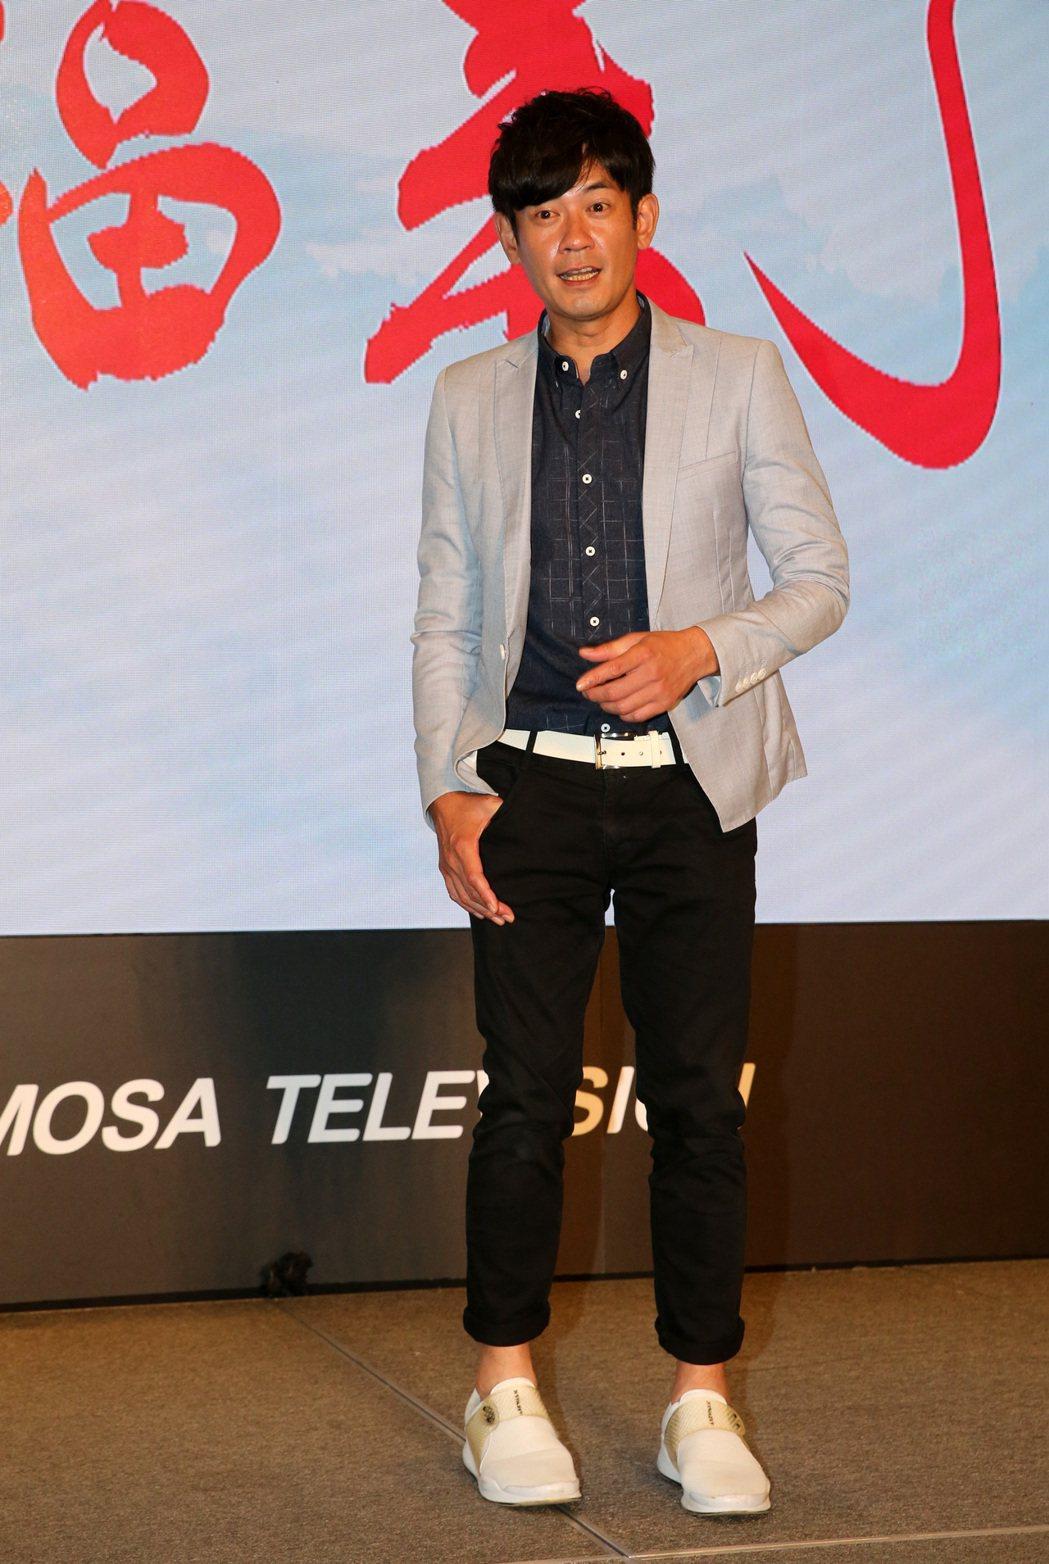 民視最新八點檔大戲「幸福來了」,演員柯叔元。記者胡經周/攝影